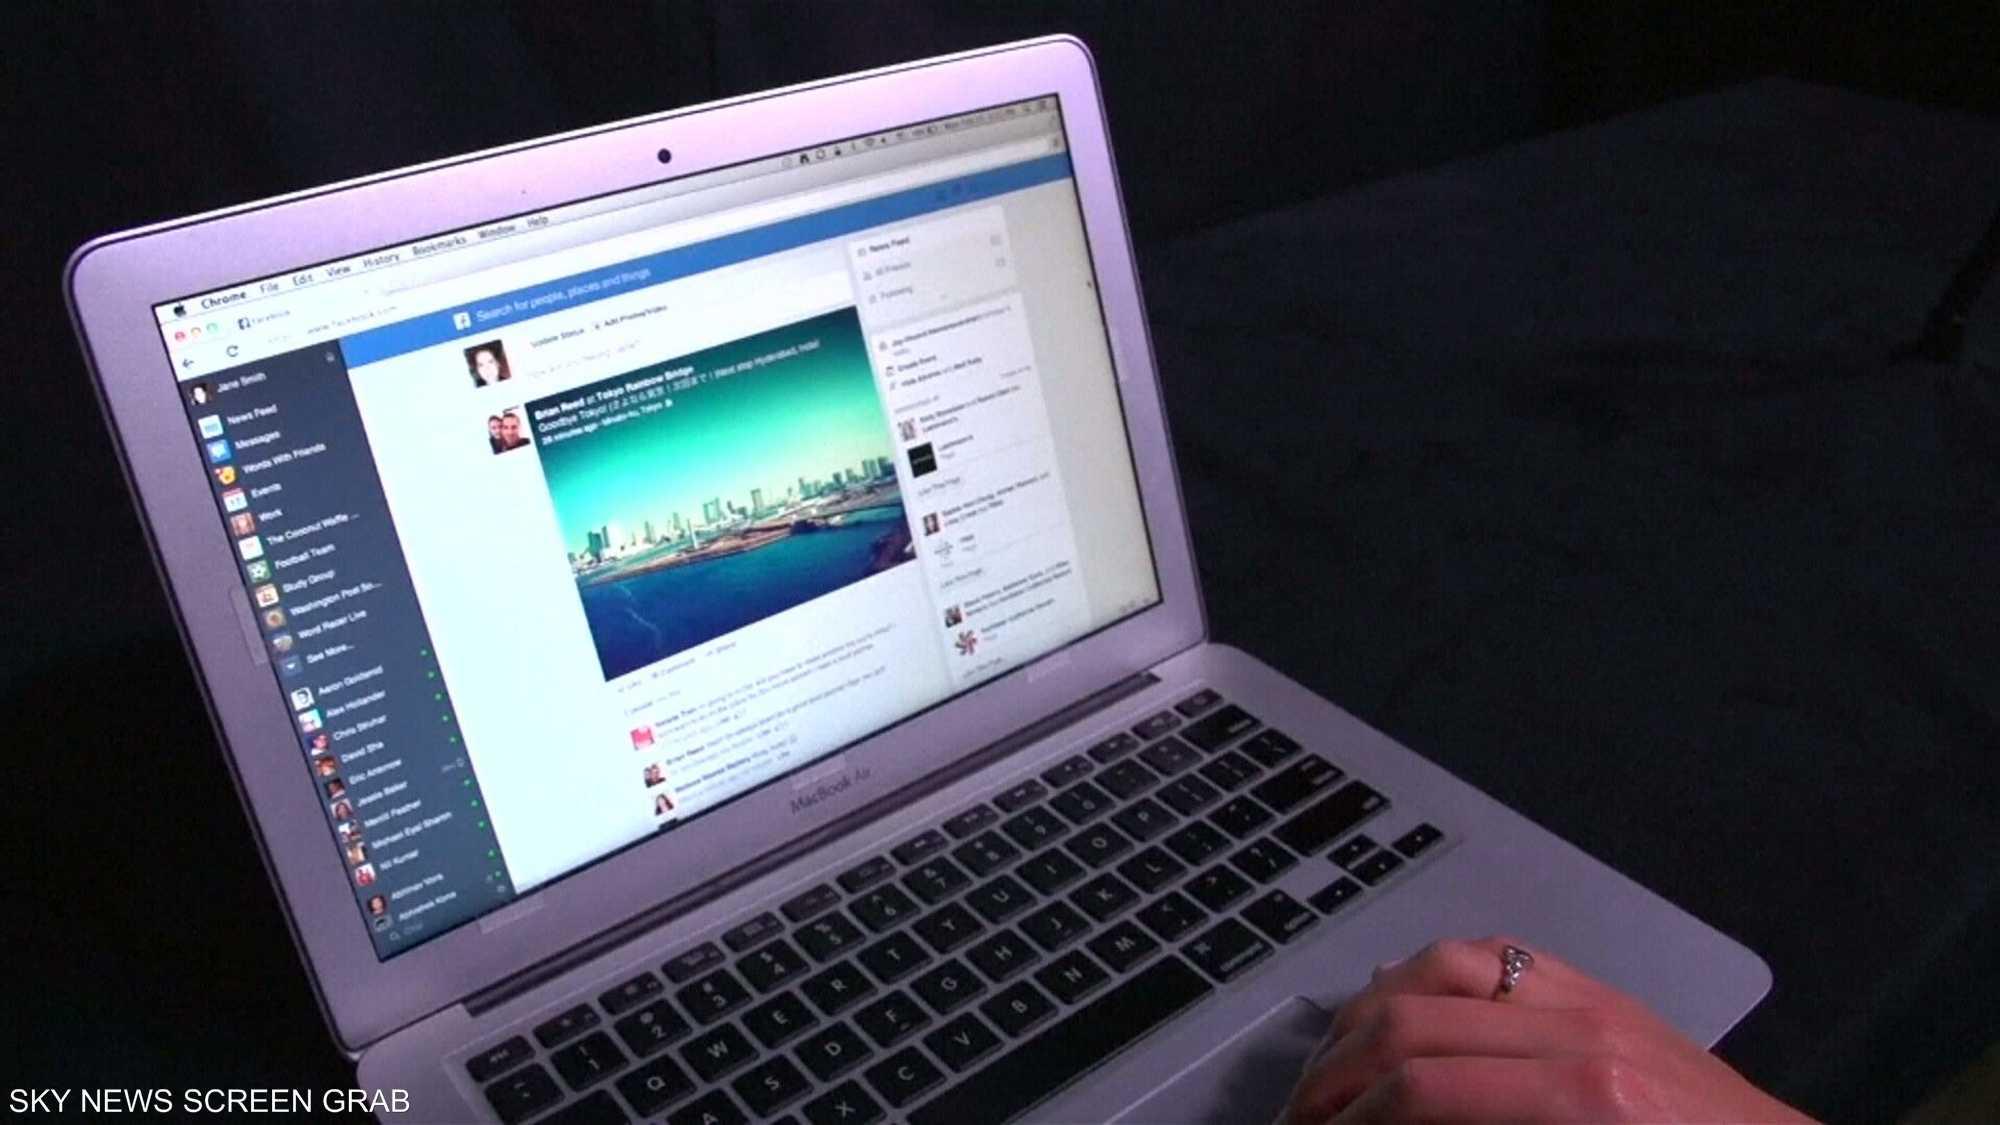 محاولات حديثة للسطو الإلكتروني يعتمد على مواقع شهيرة